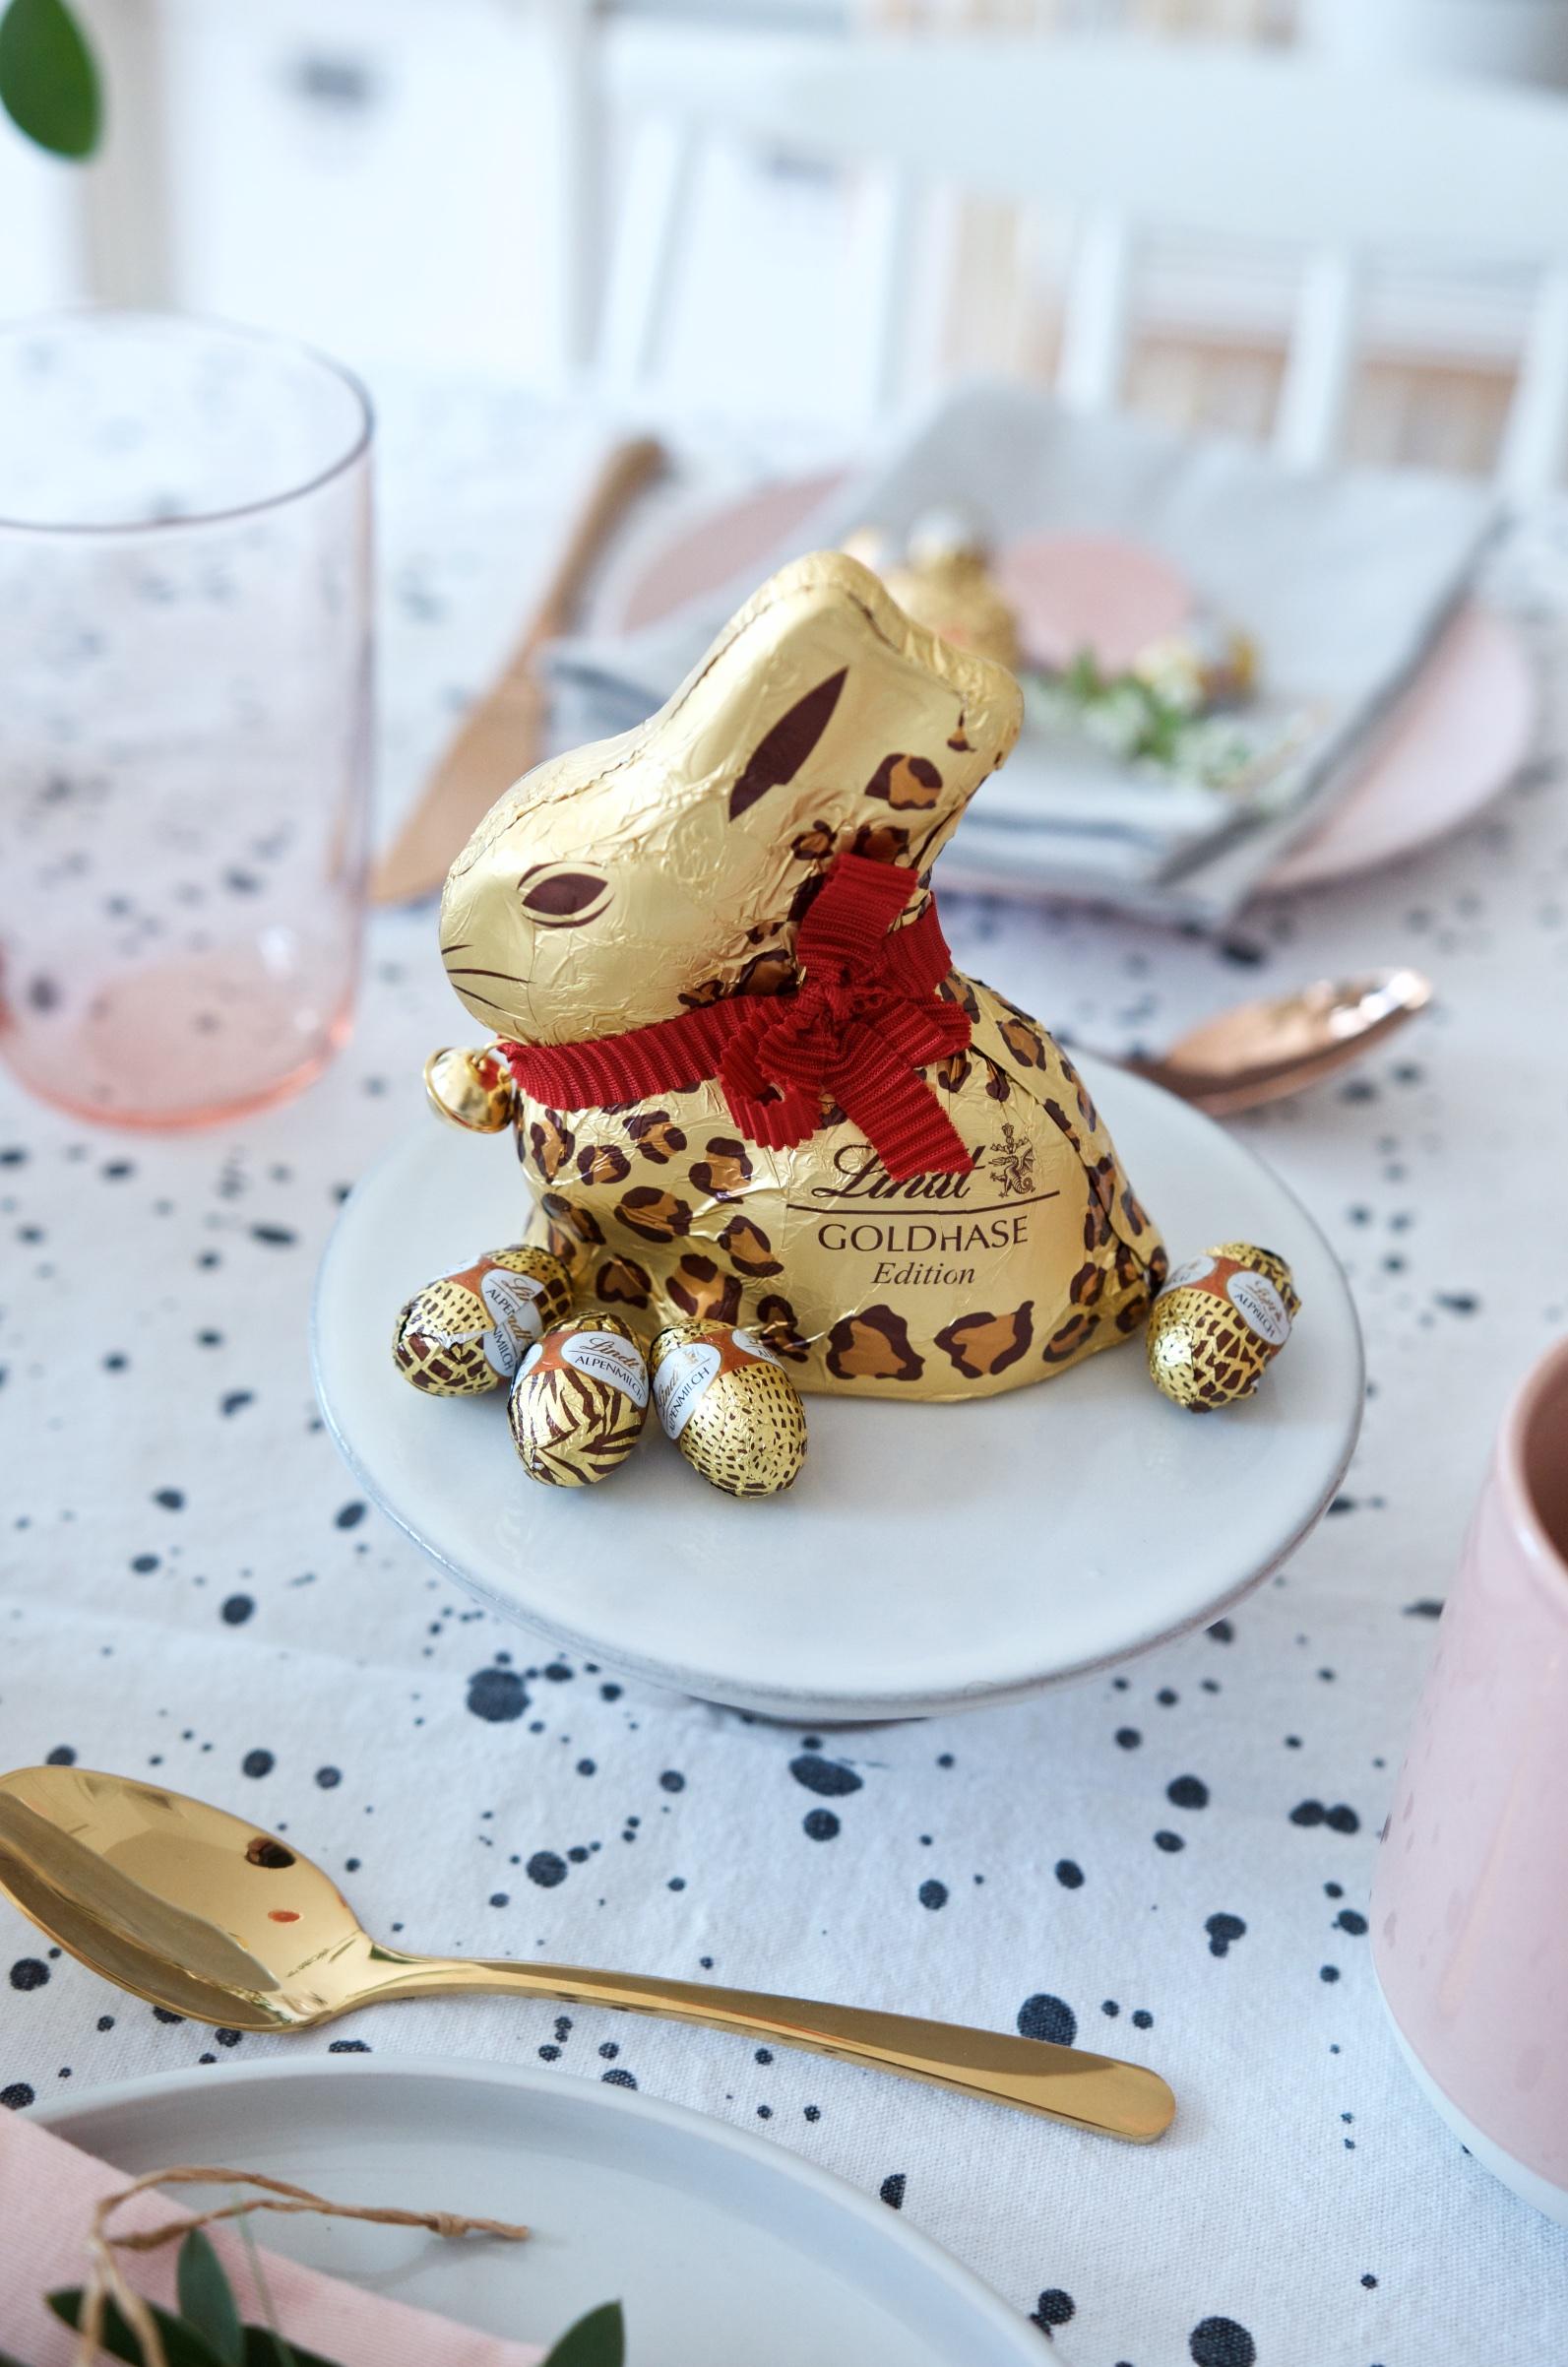 Tischdeko Osterbrunch mit Goldhase von Lindt im Leo-Look